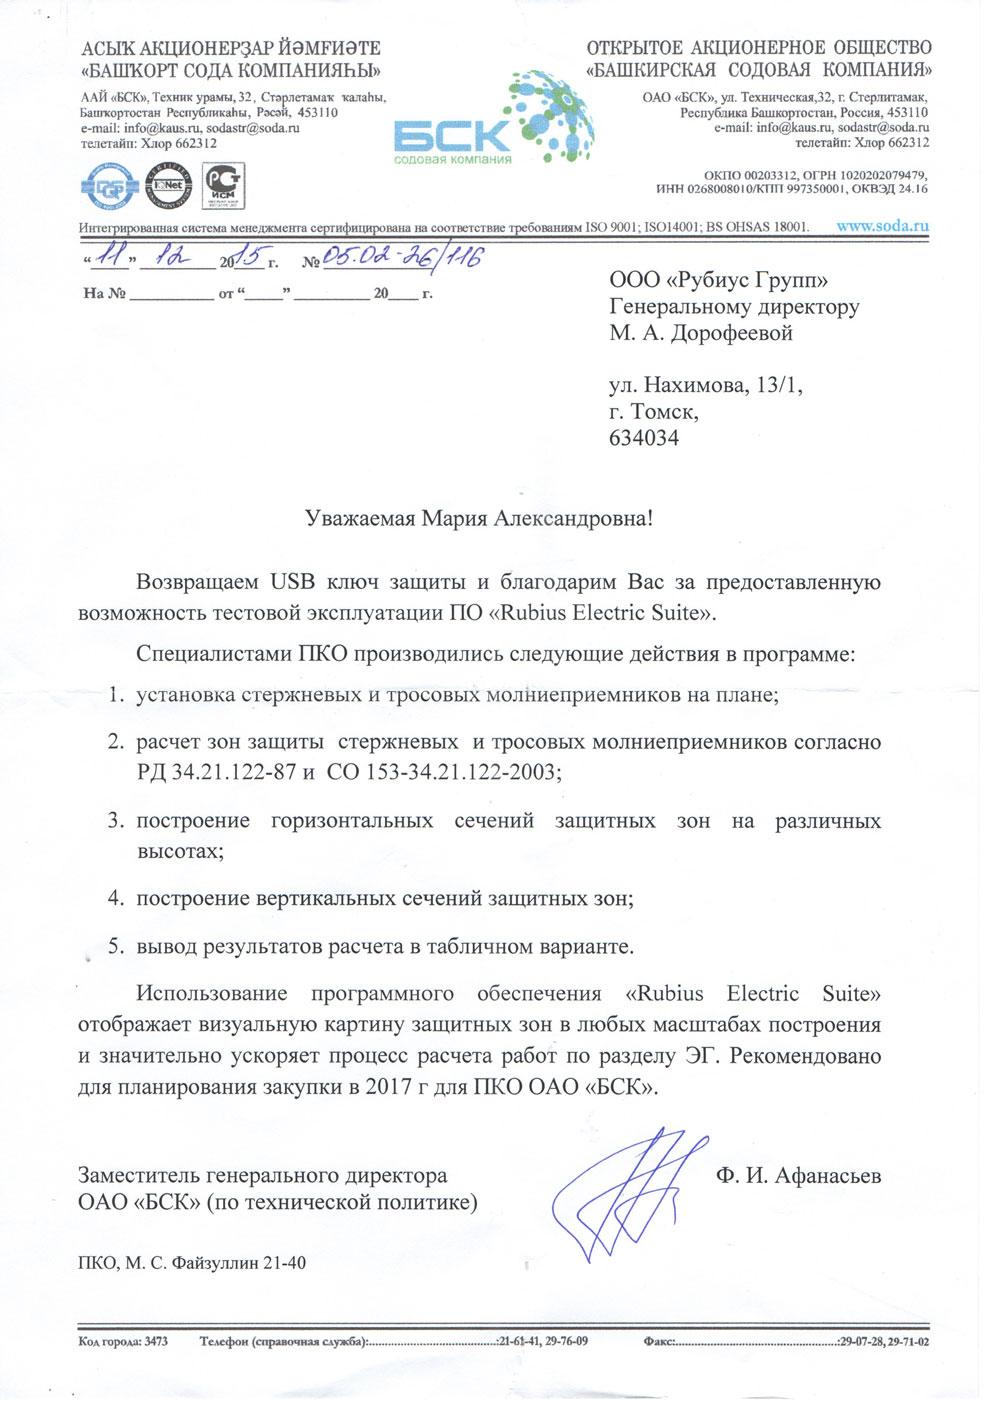 Отзыв о Rubius Electric Suite от Башкирской содовой компании